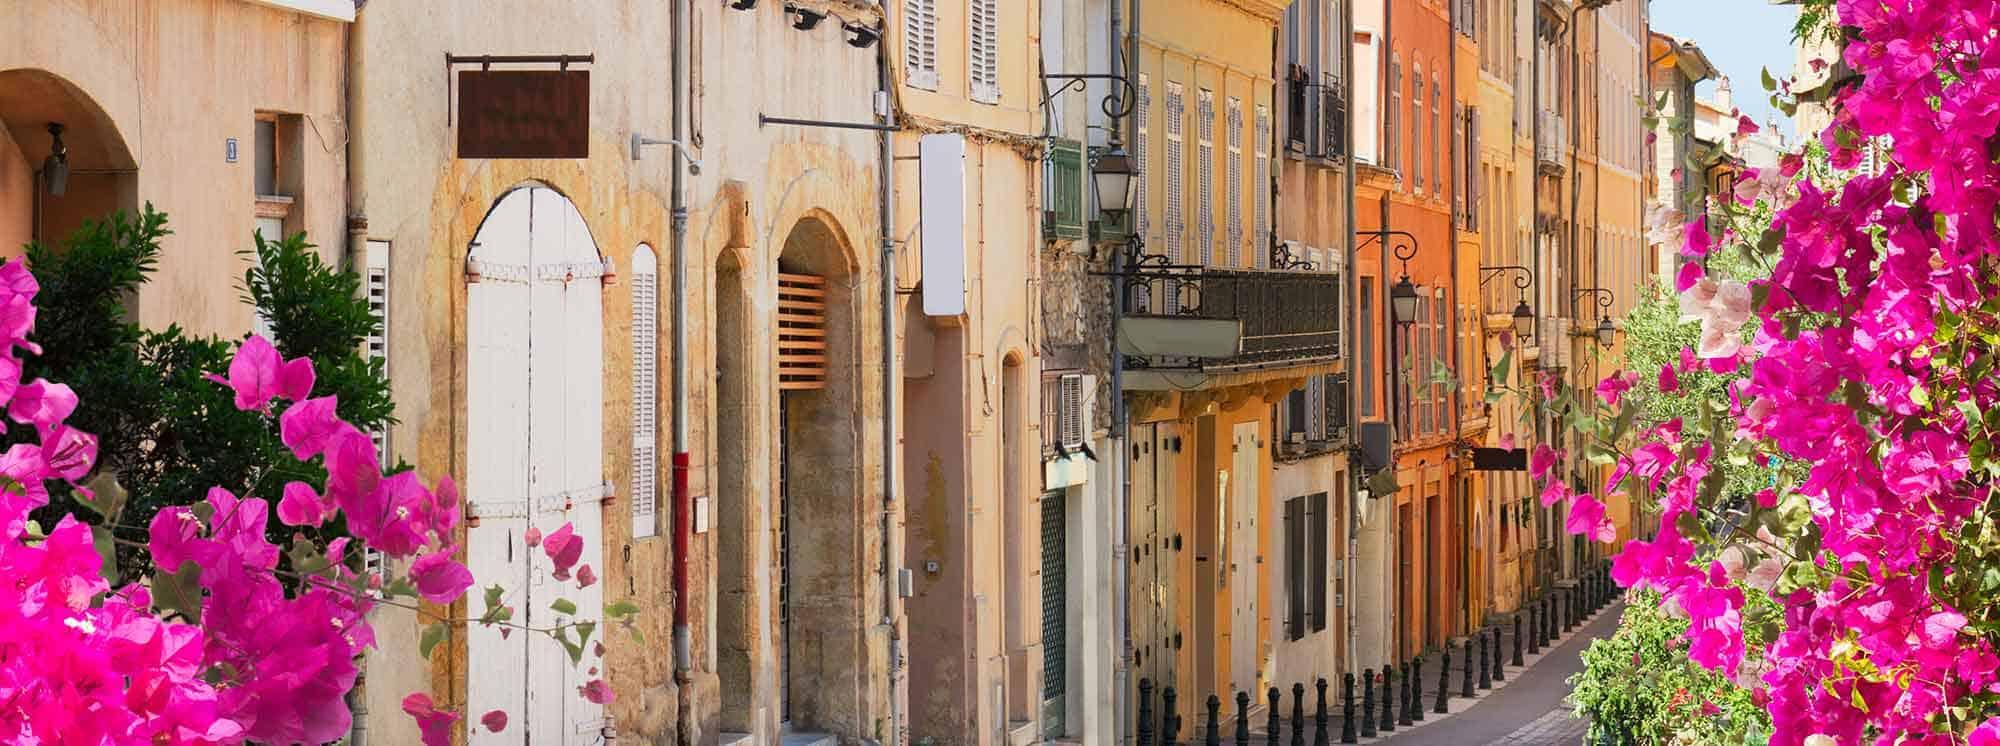 Best Schools in Aix-en-Provence